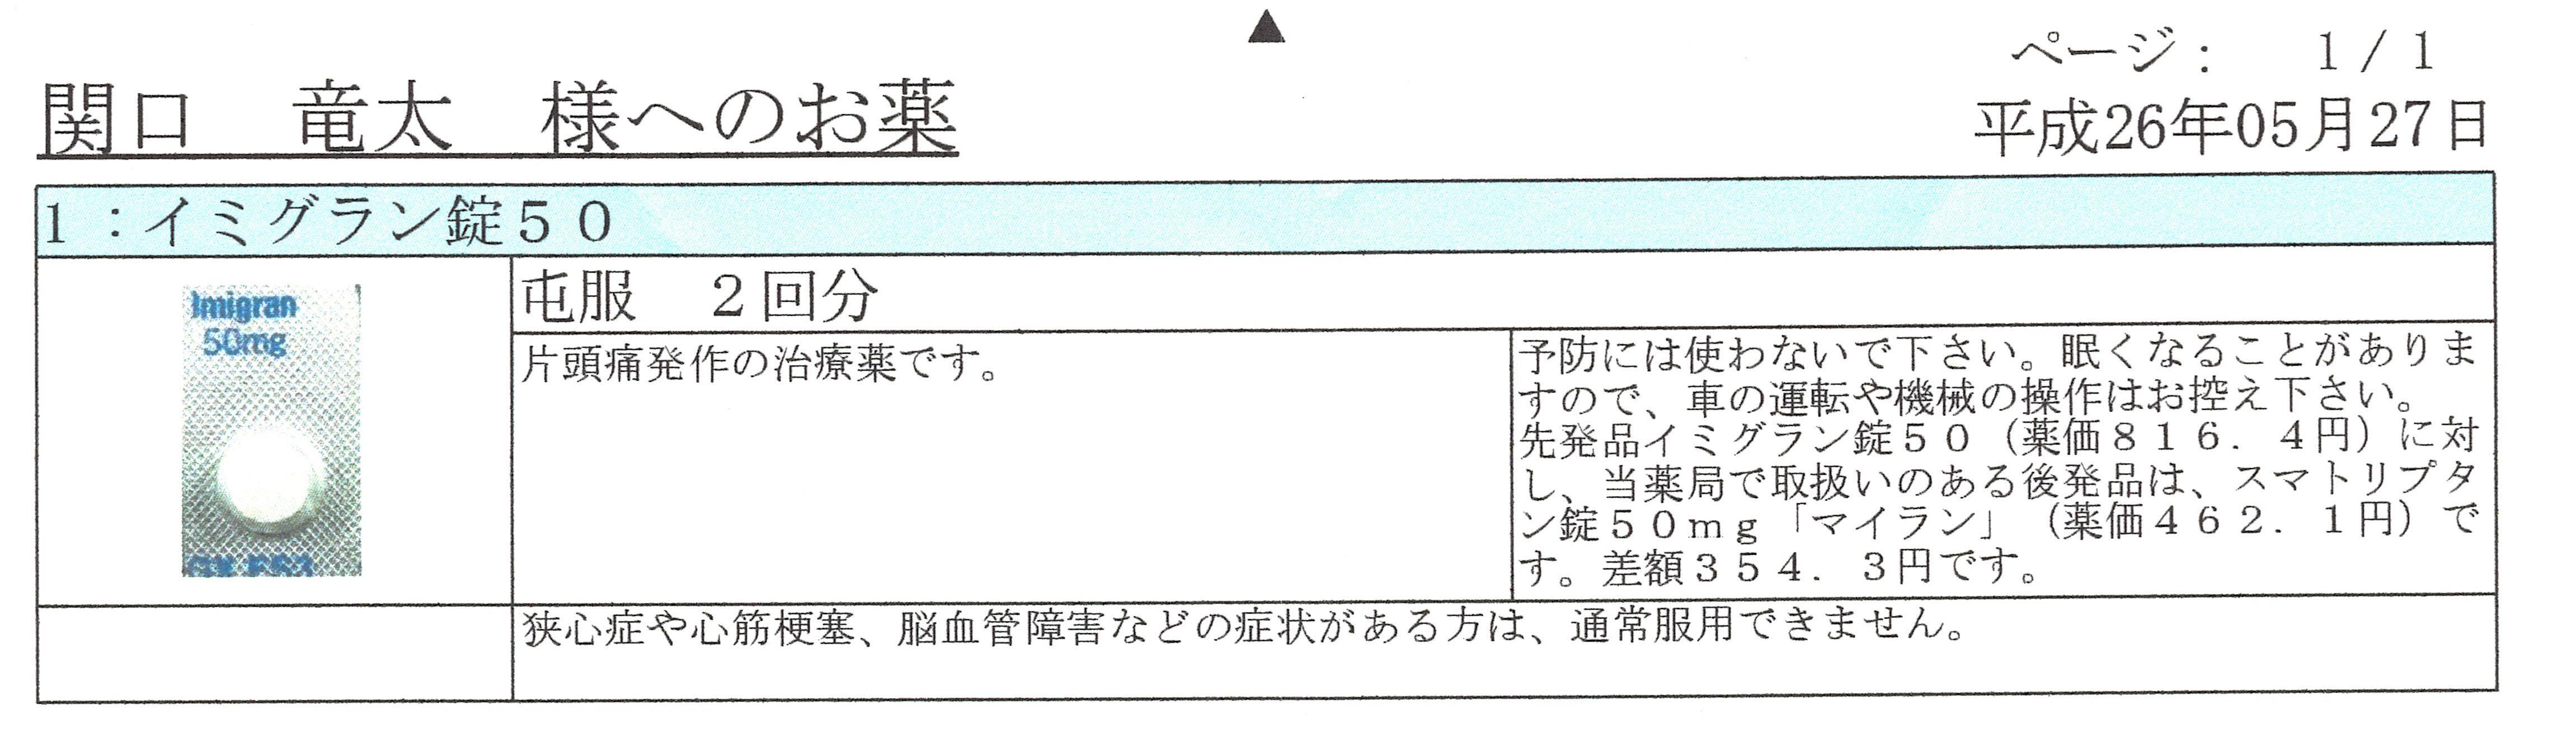 CCI20190426_2